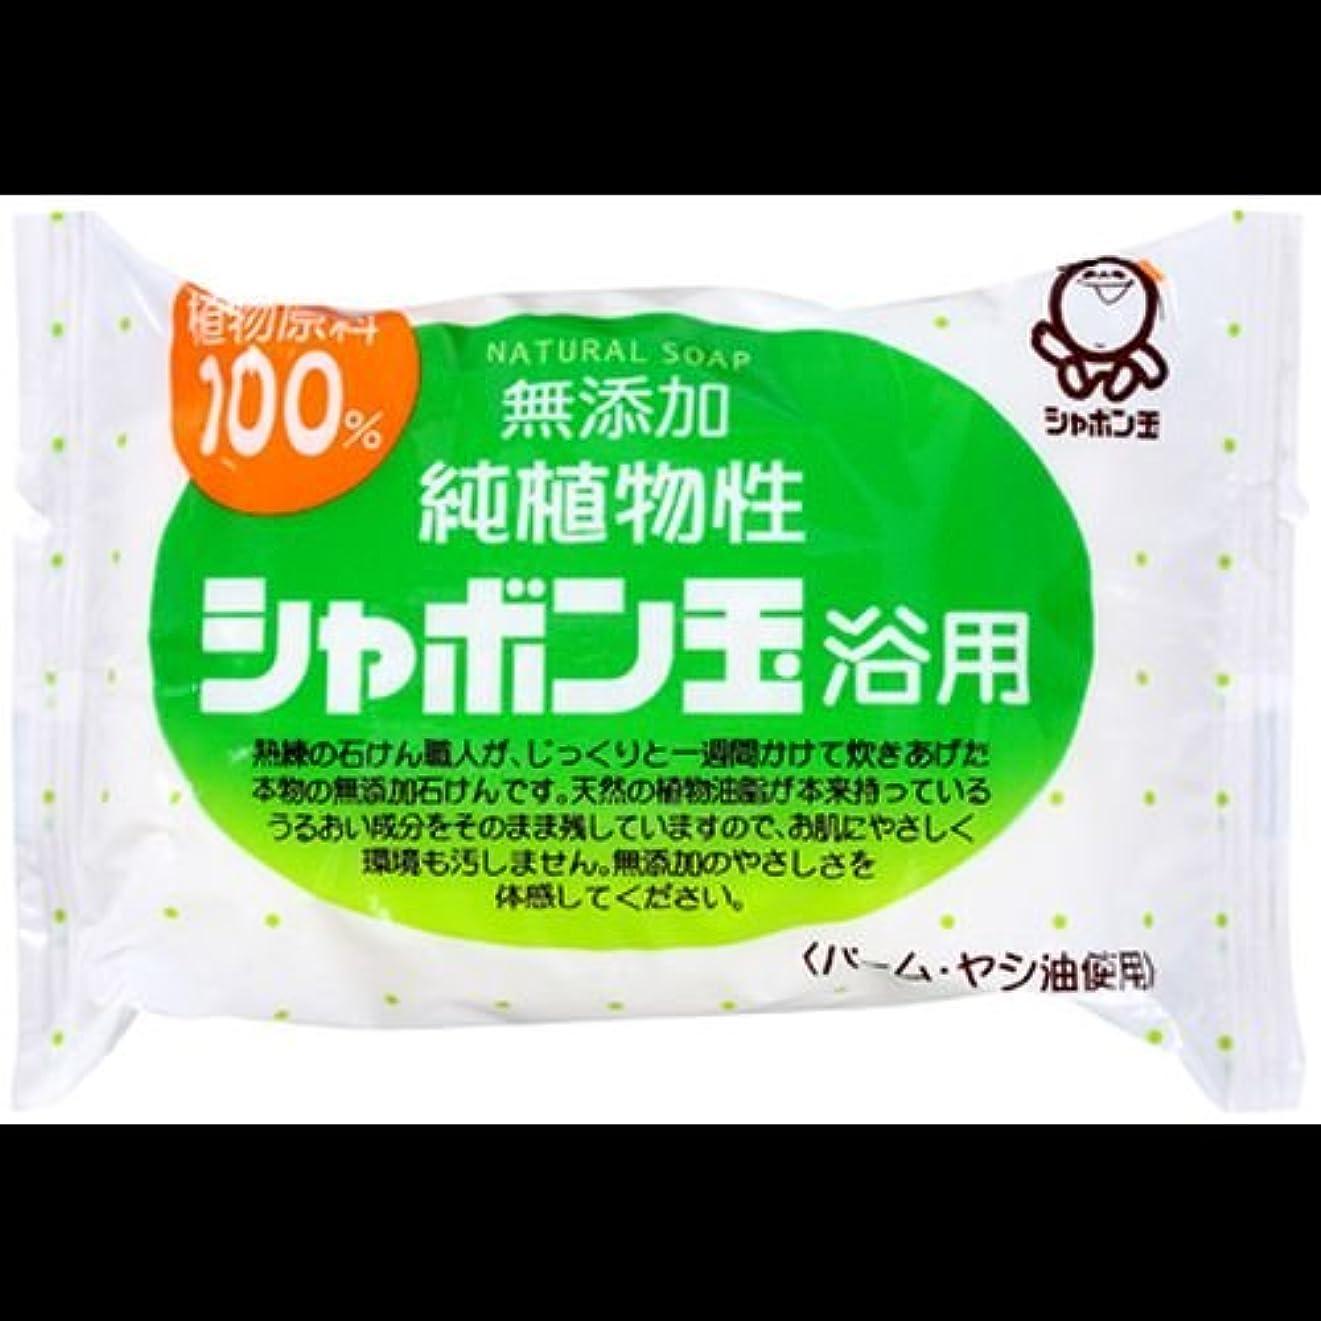 コーデリアみぞれ寂しい【まとめ買い】シャボン玉 無添加 純植物性 シャボン玉浴用石けん 純植物性 100g ×2セット